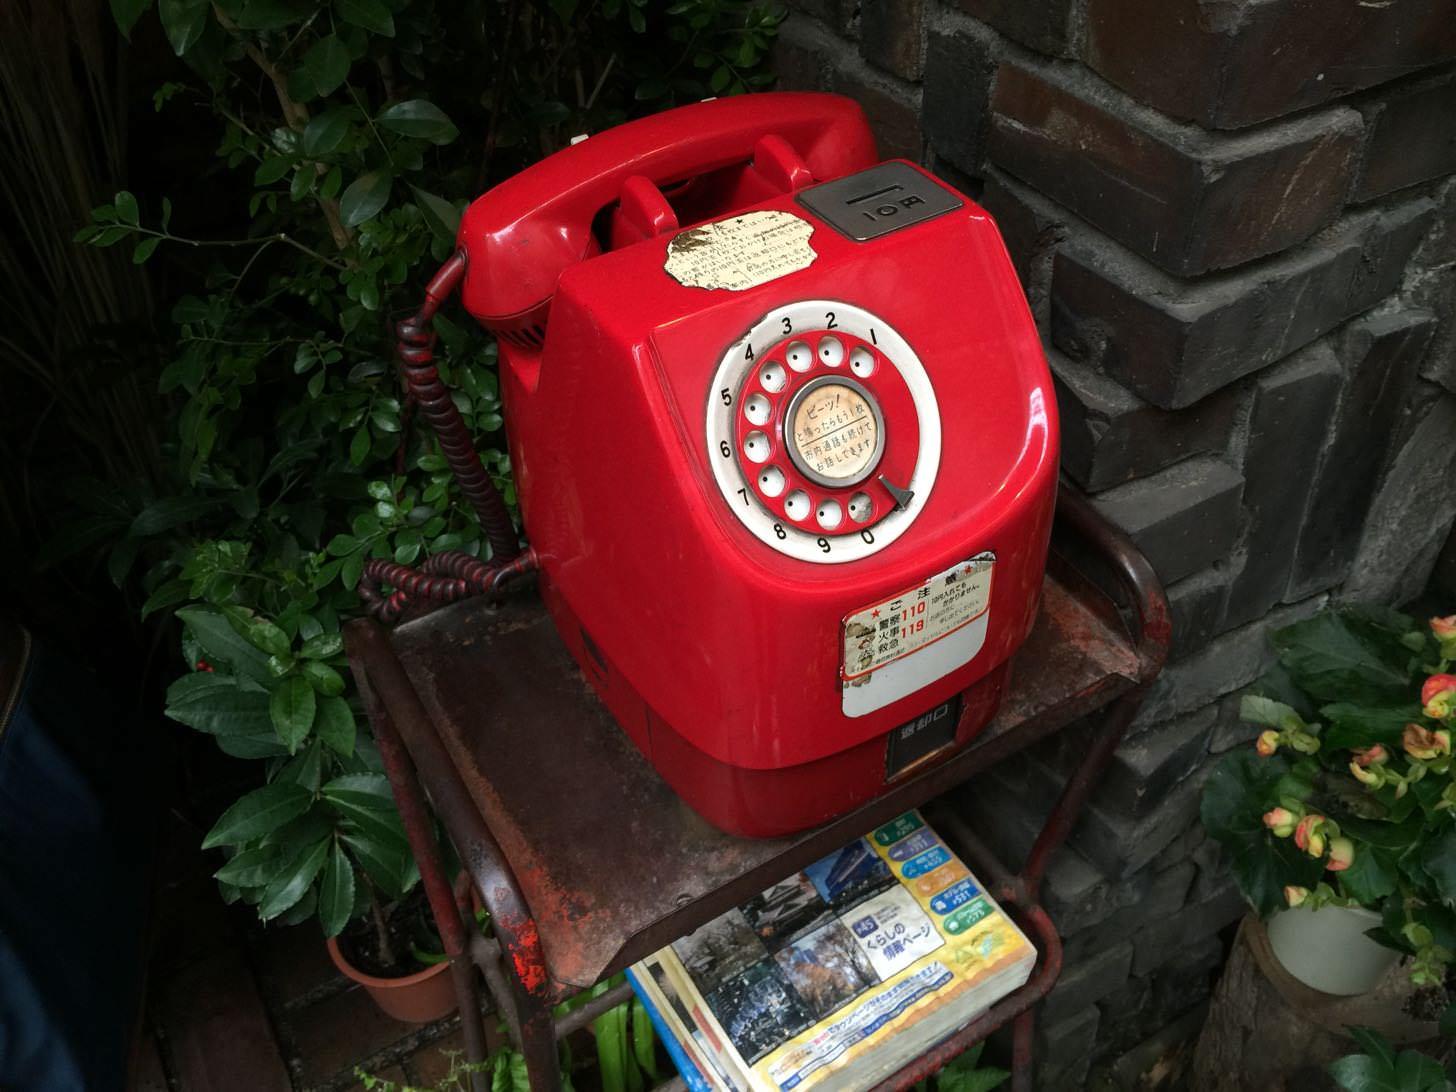 さぼうるの赤電話